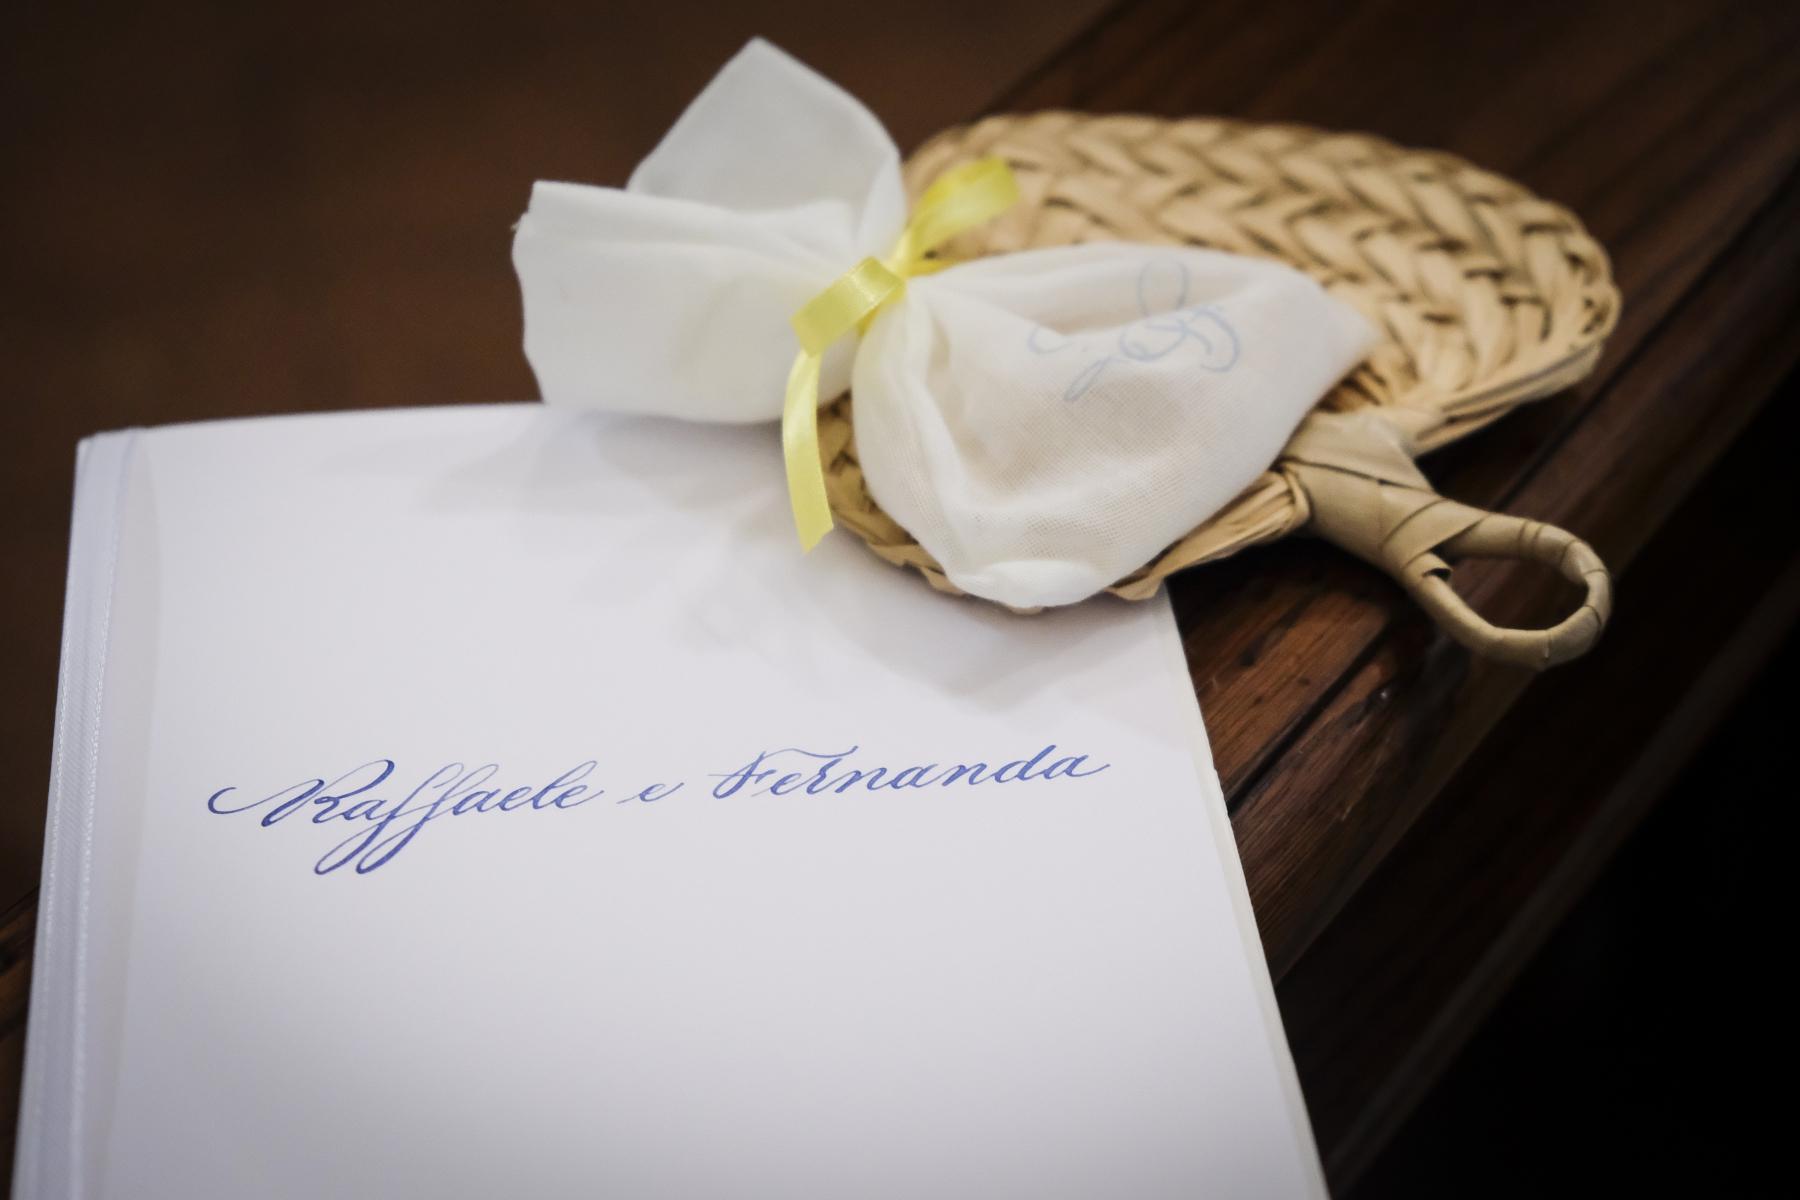 matrimoniorelaisblu_costiera_napoli_blineventi-3